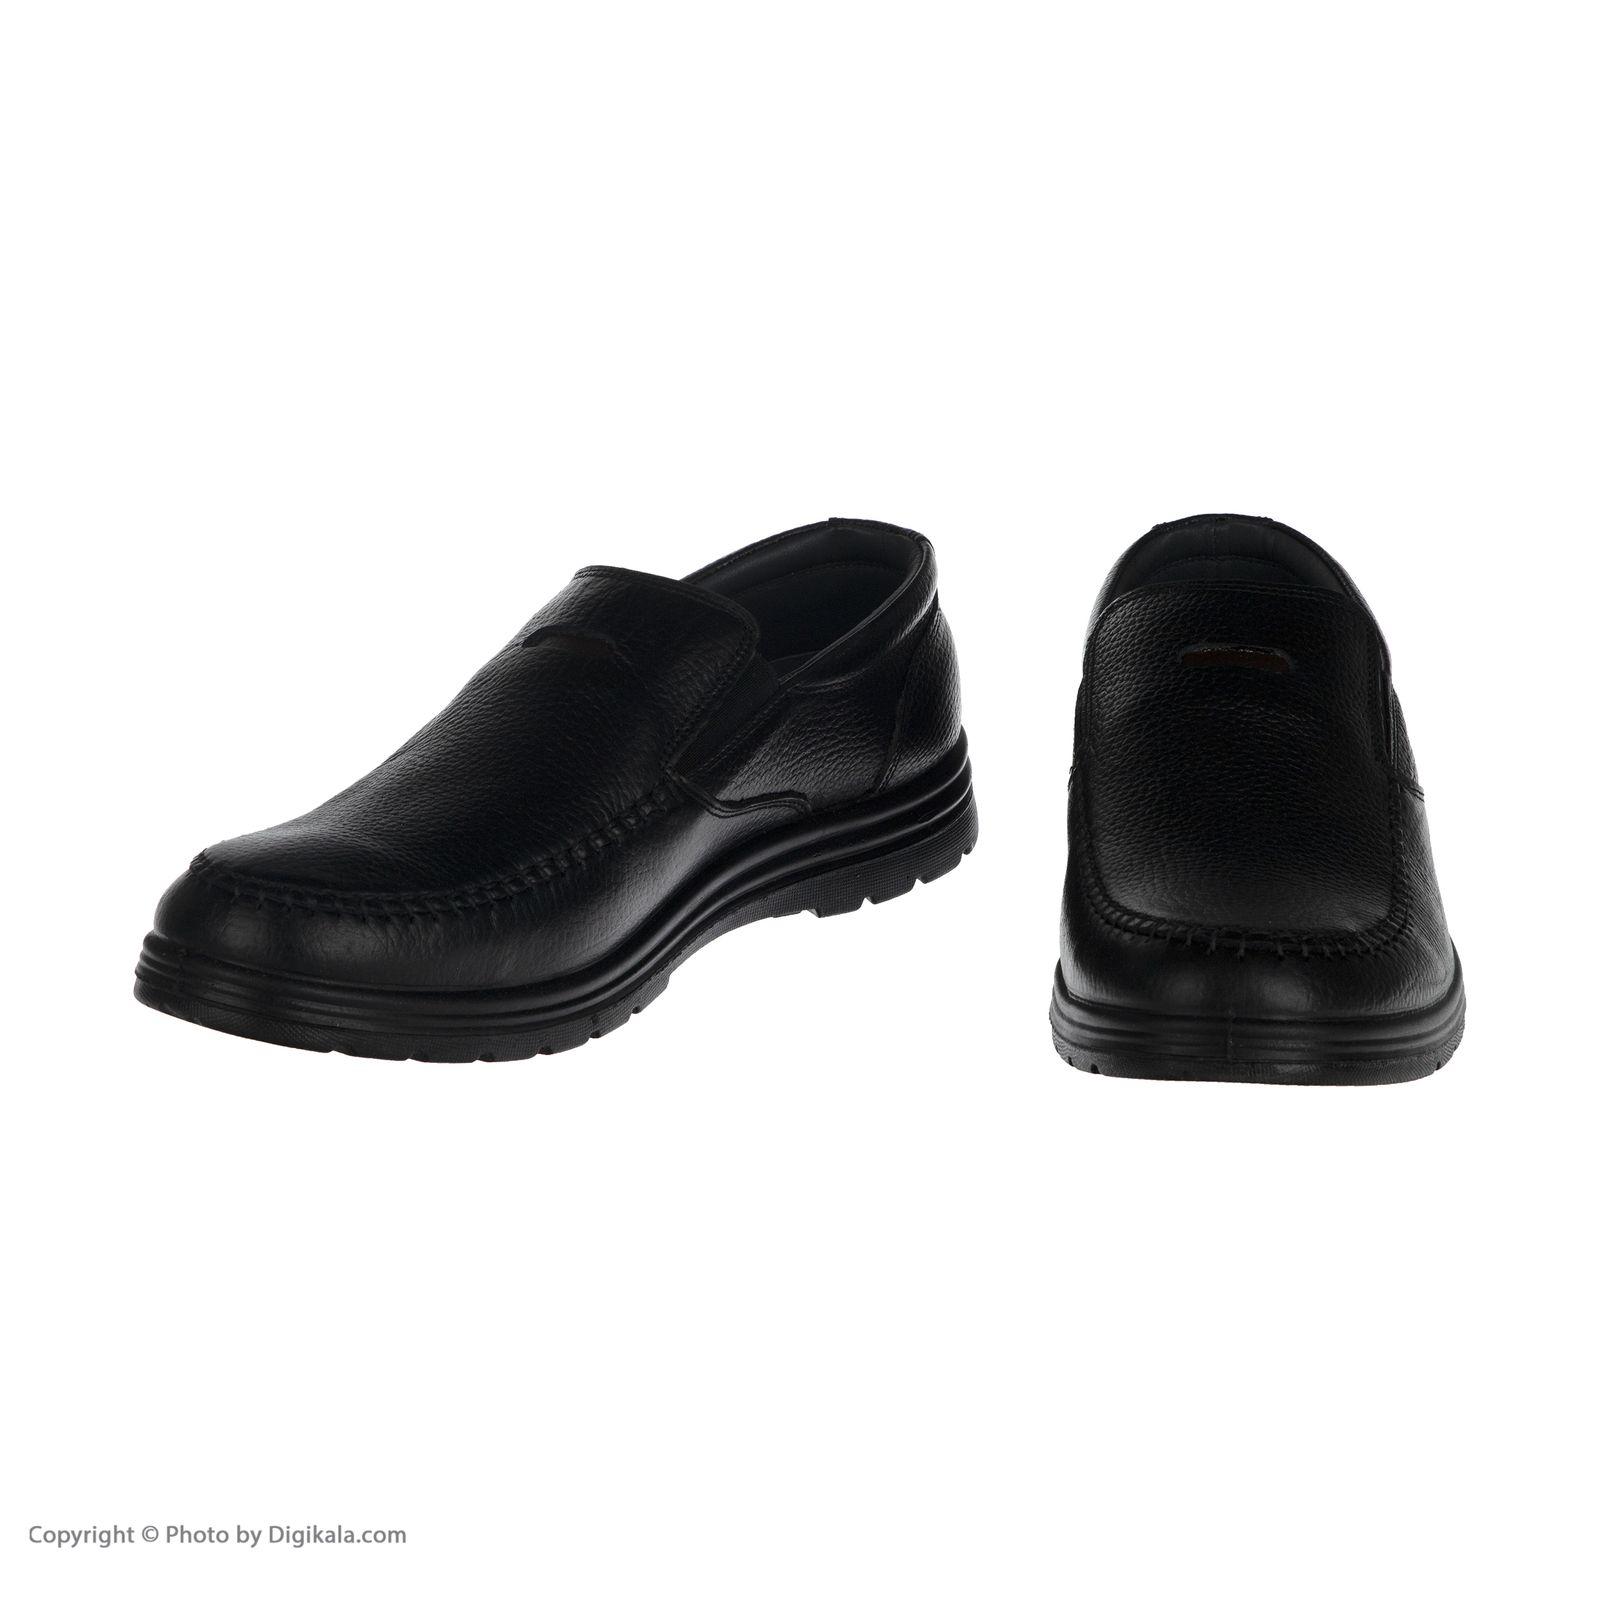 کفش روزمره مردانه بلوط مدل 7291A503101 -  - 6